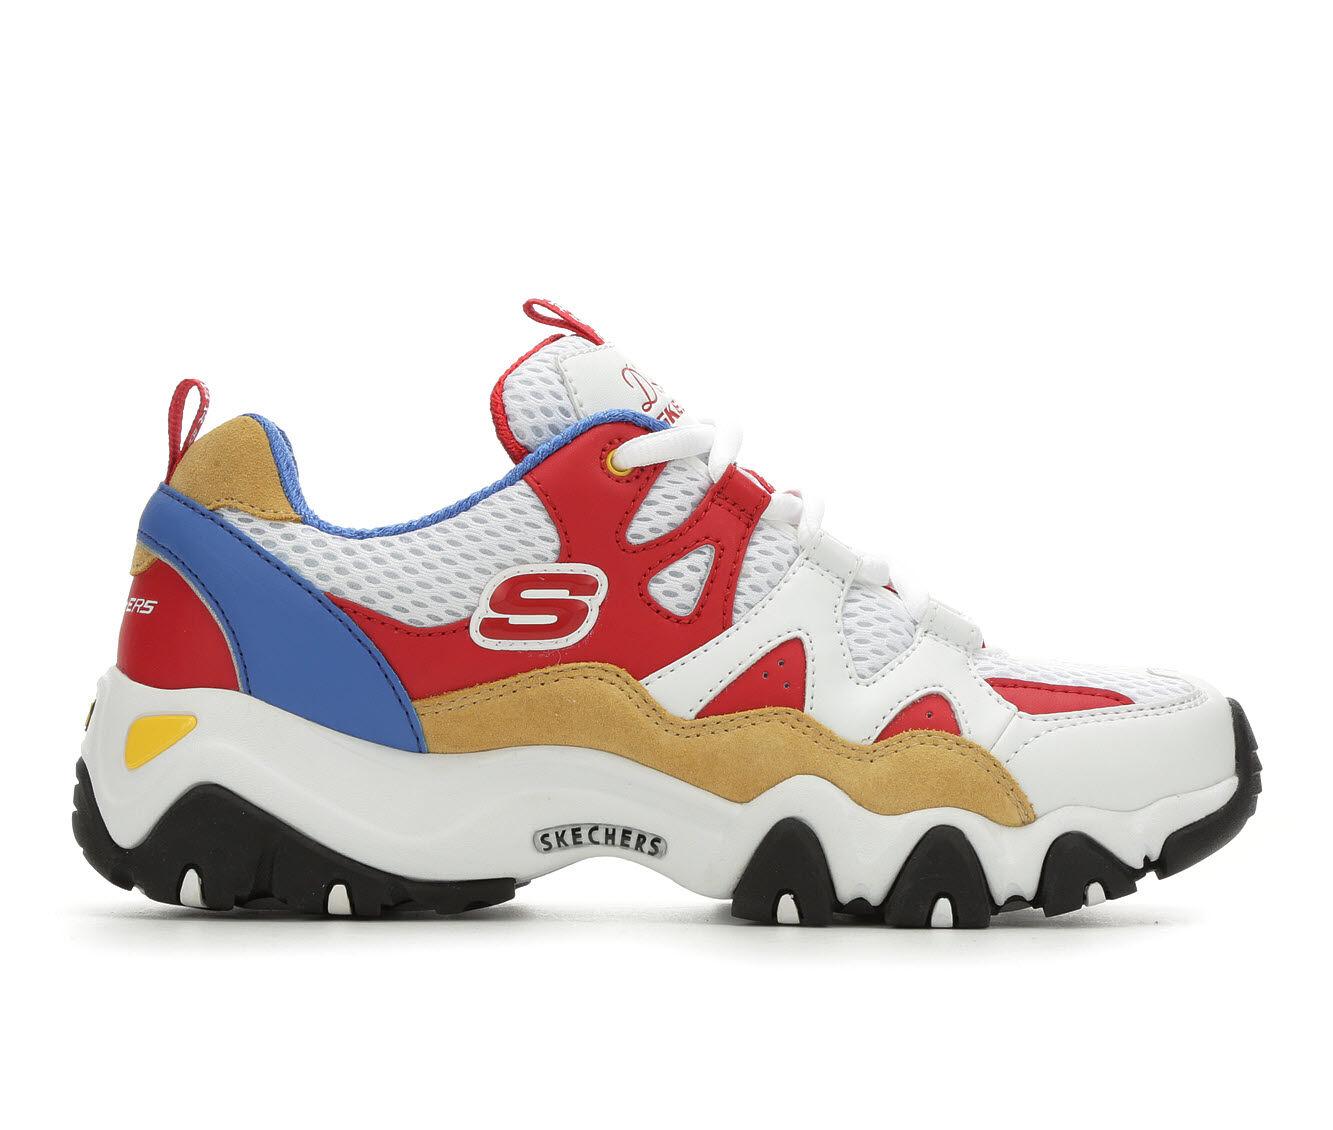 Women's Skechers D'Lites 2.0 12937 Sneakers Wht/Orange/Blue